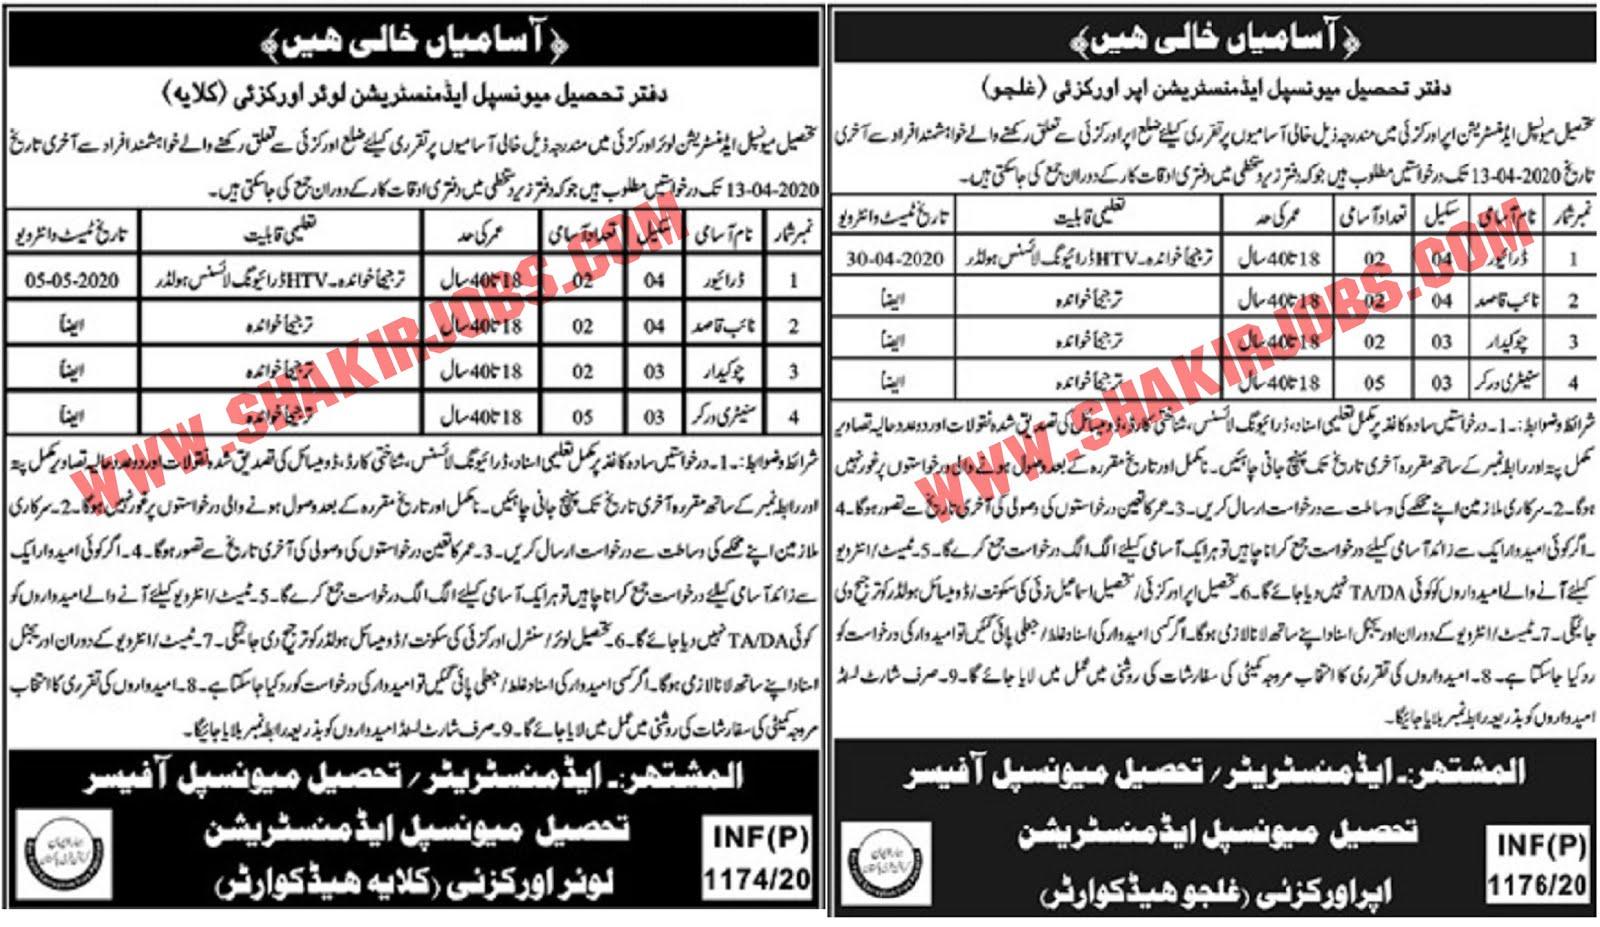 TMA Jobs 2020 Tehsil Municipal Administration Jobs 2020 Latest